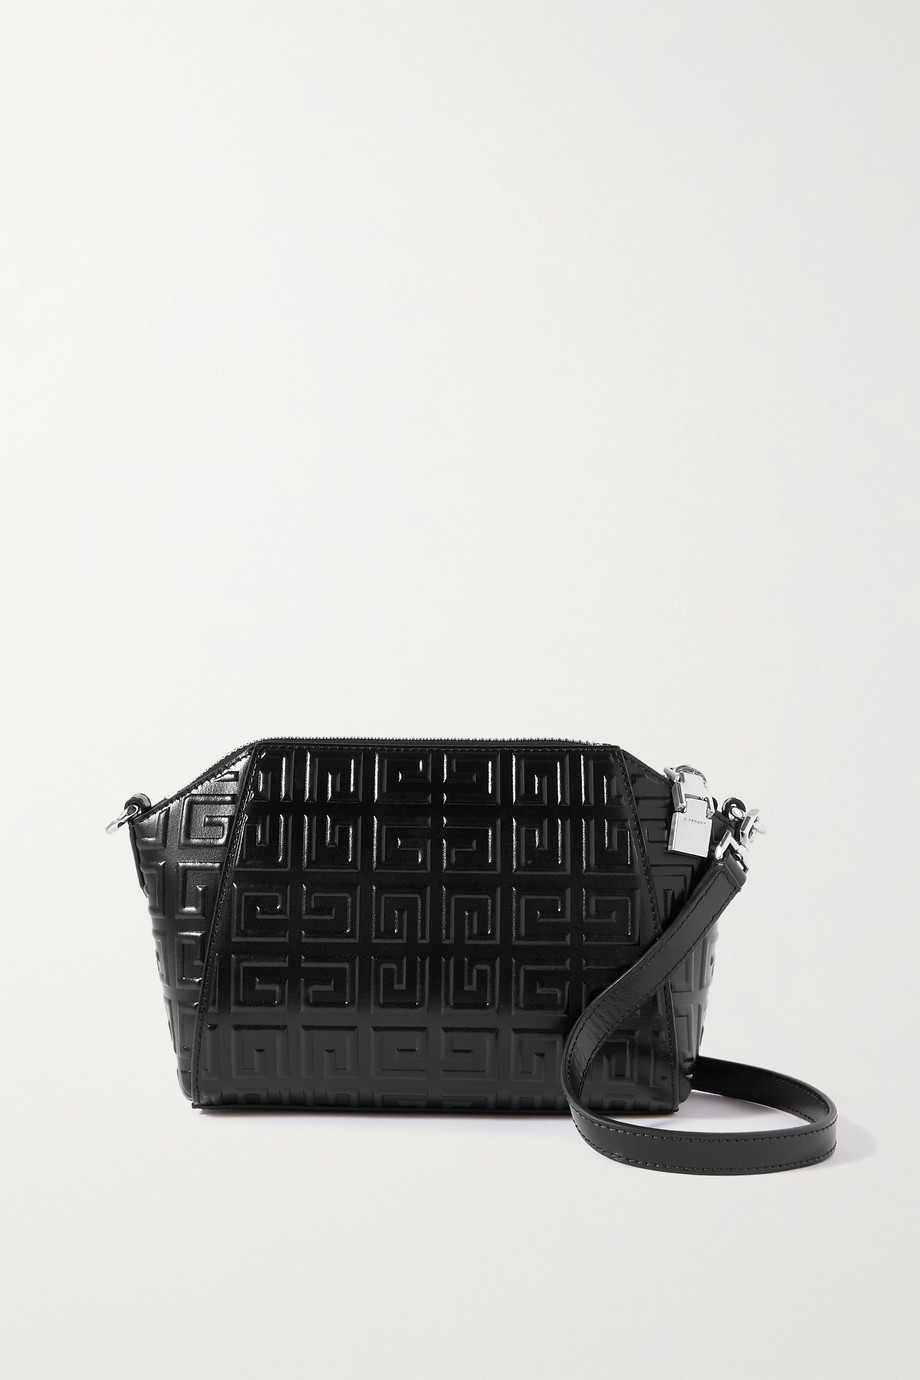 Givenchy Sac porté épaule en cuir glacé gaufré Antigona XS Mini